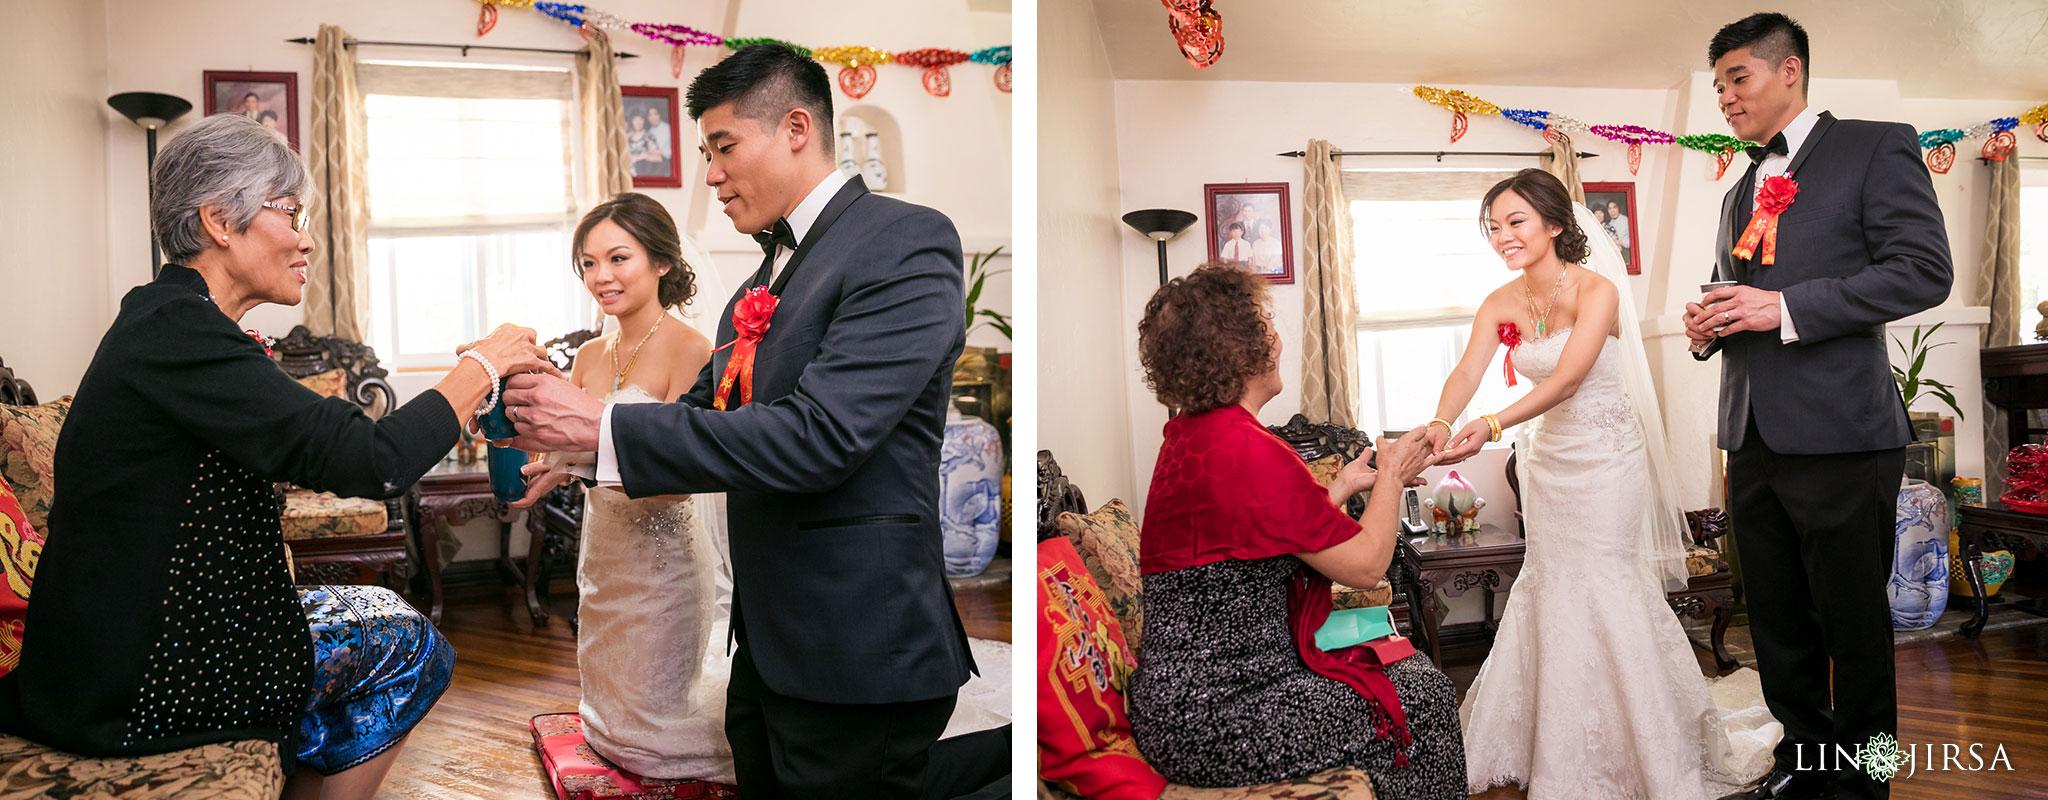 12 orange county wedding tea ceremony photography